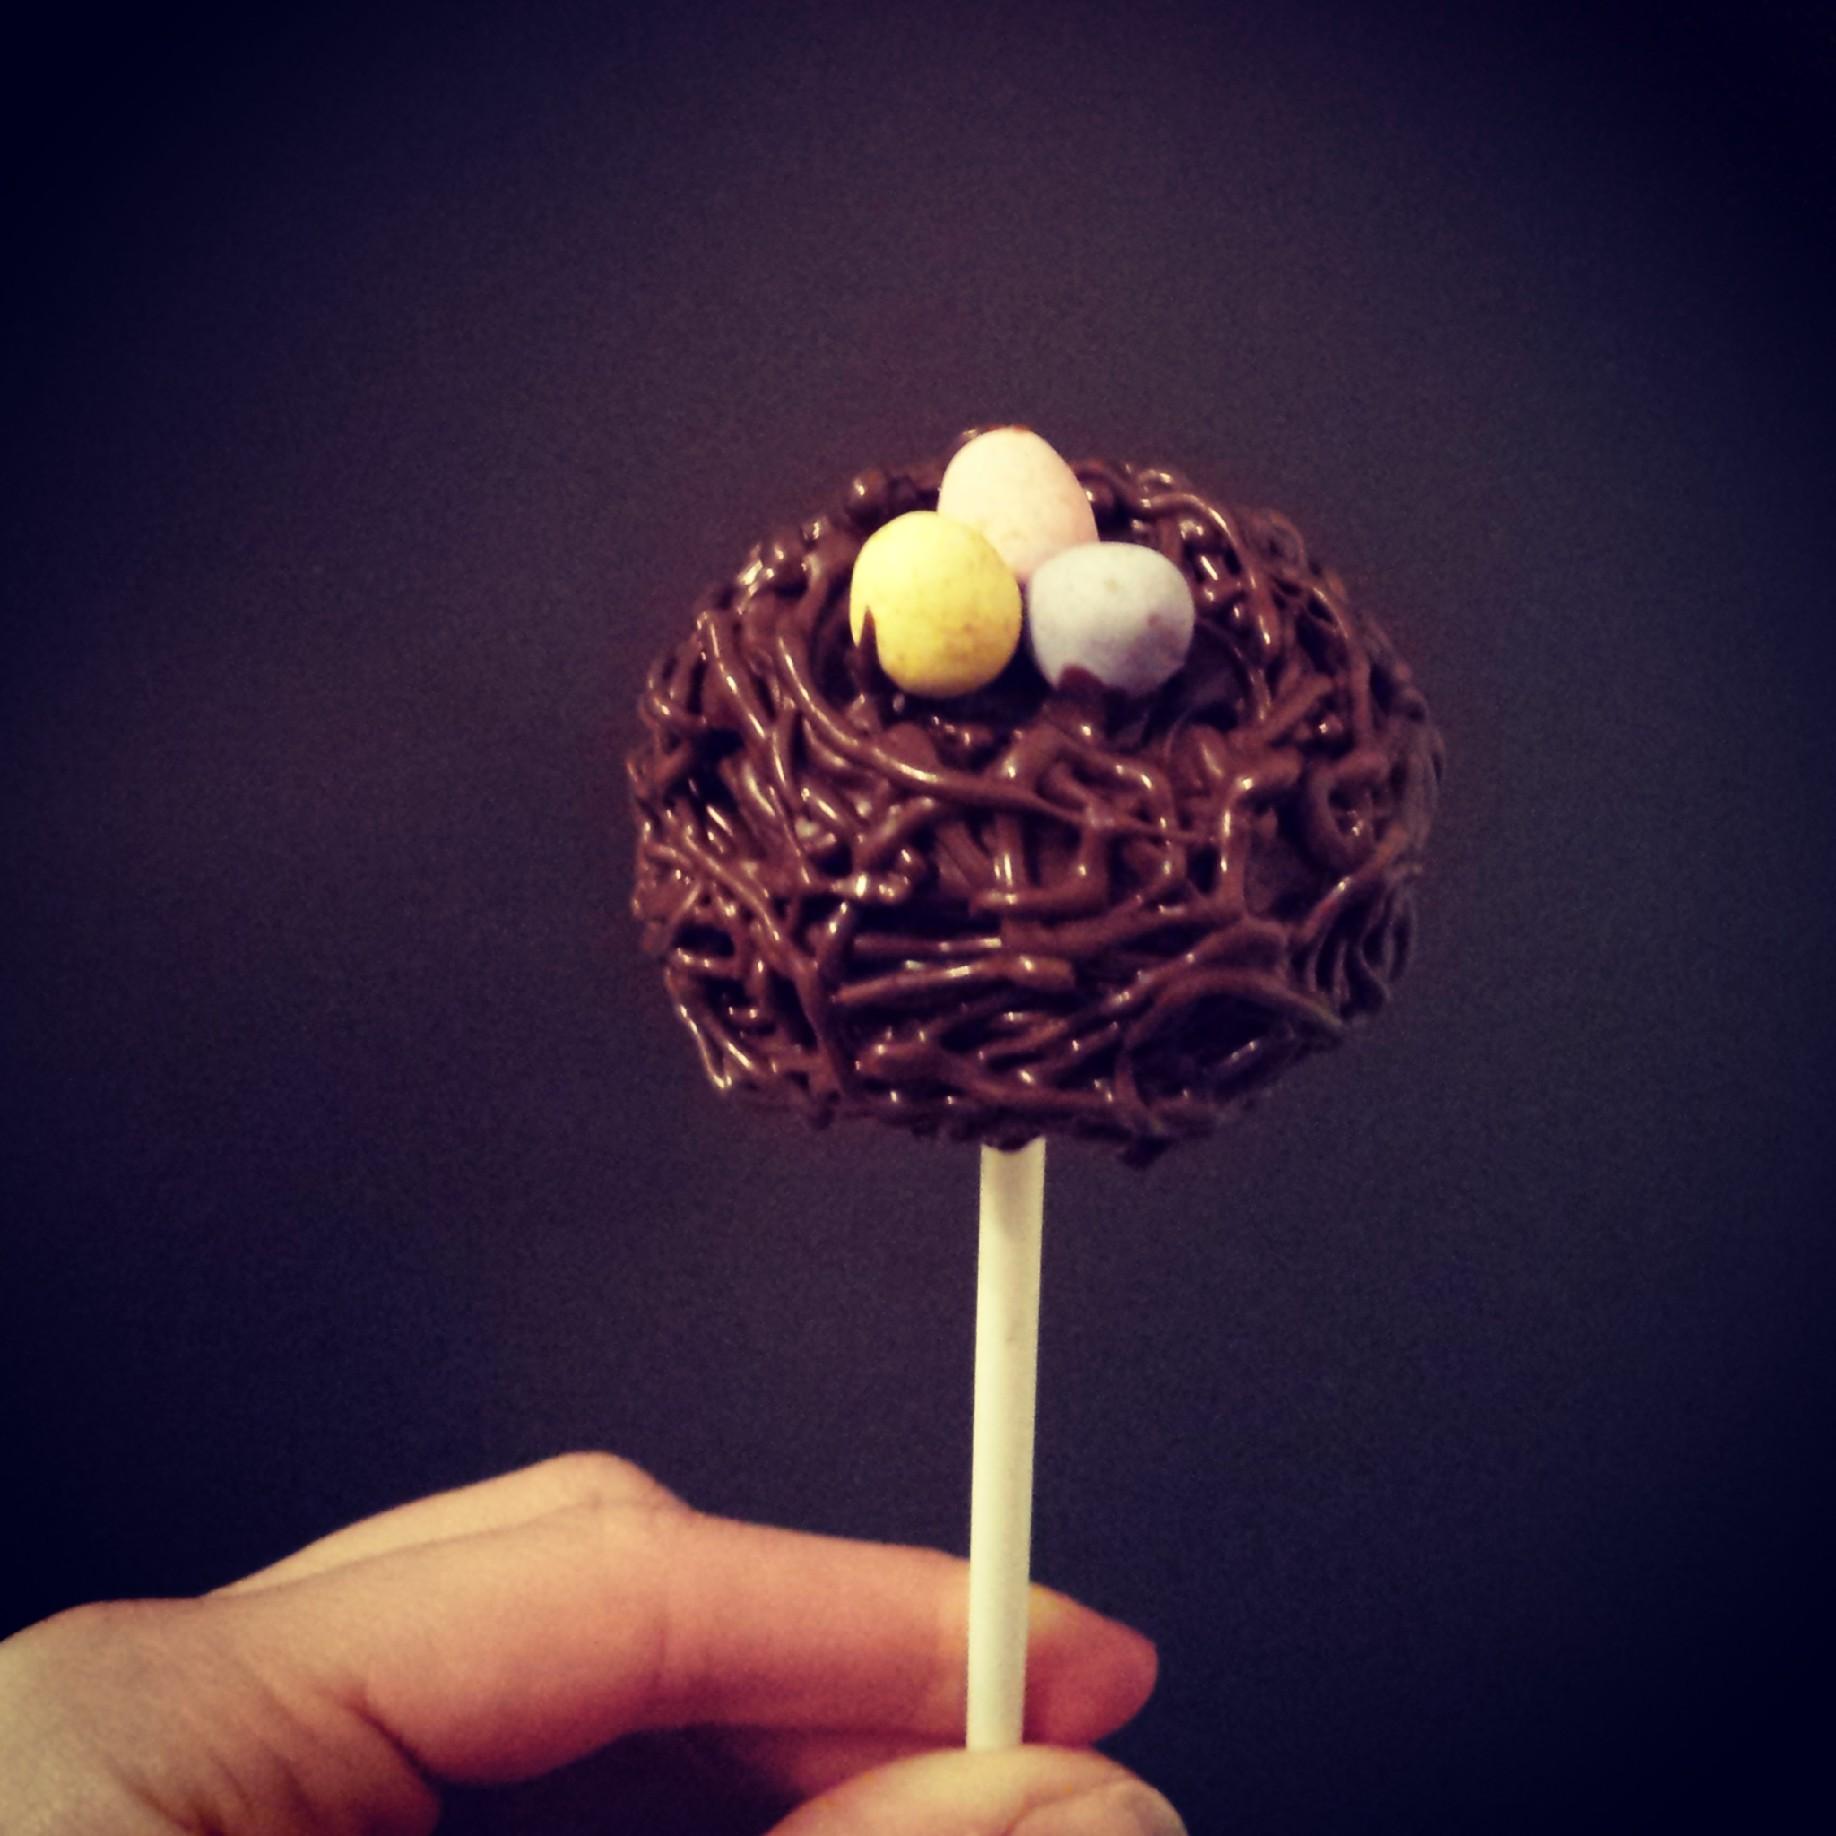 Bird's nest cake pops